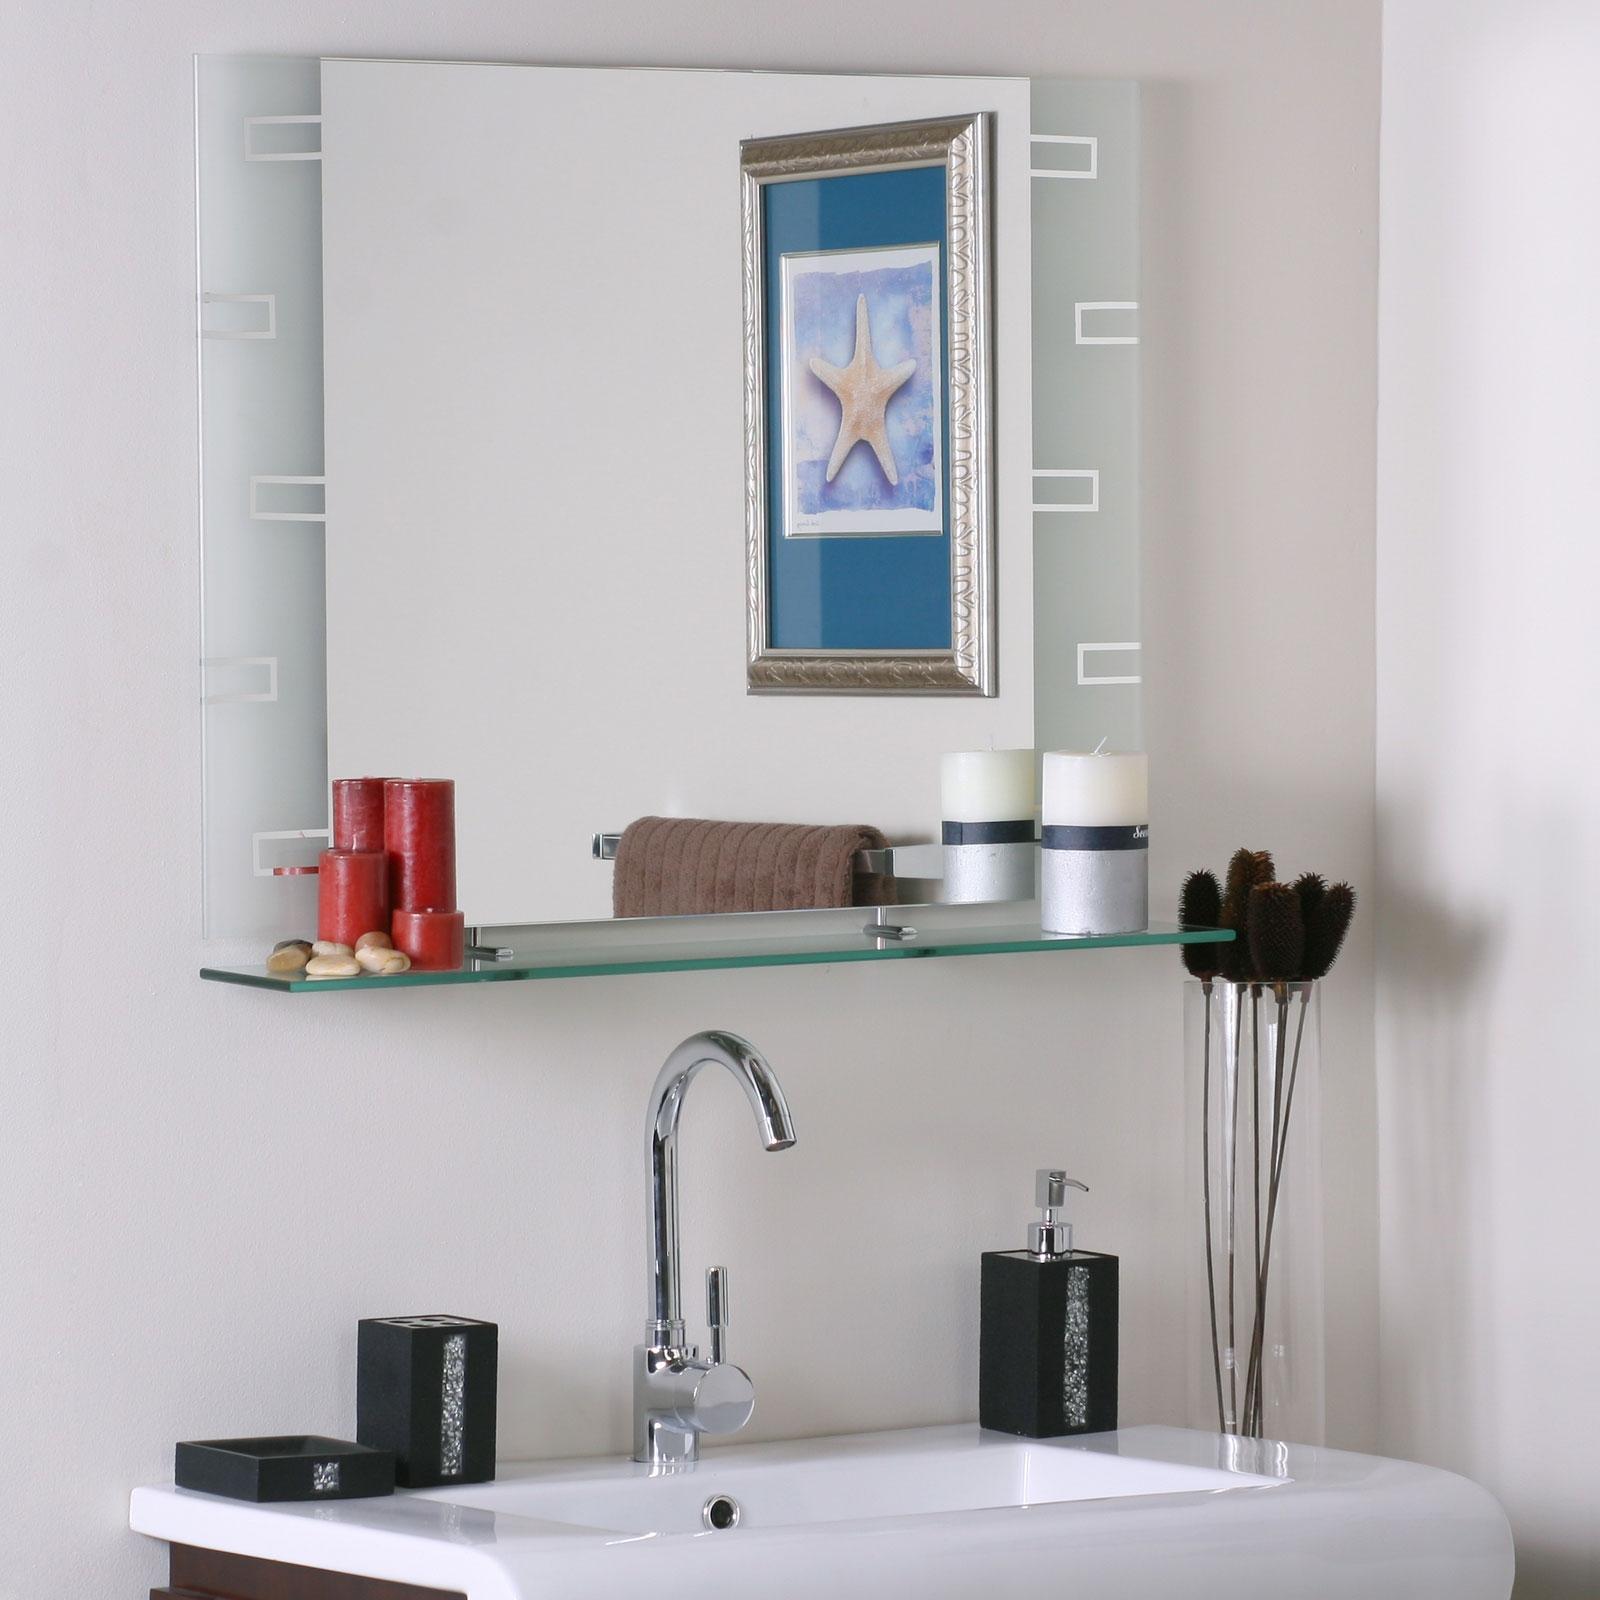 Contemporary Bathroom Mirror With Glass Shelf